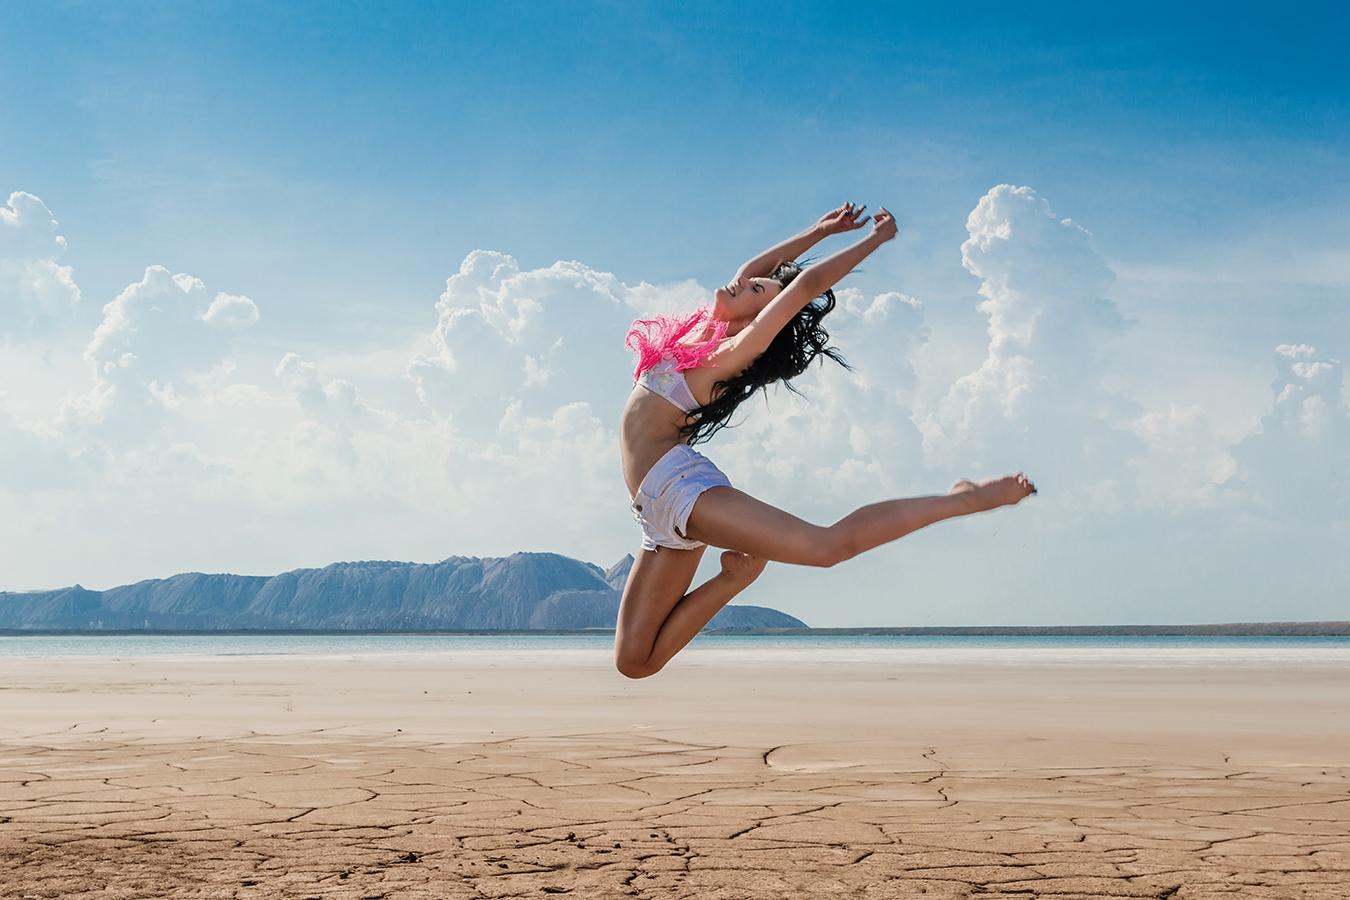 как сделать фото в воздухе прыжок время учебы